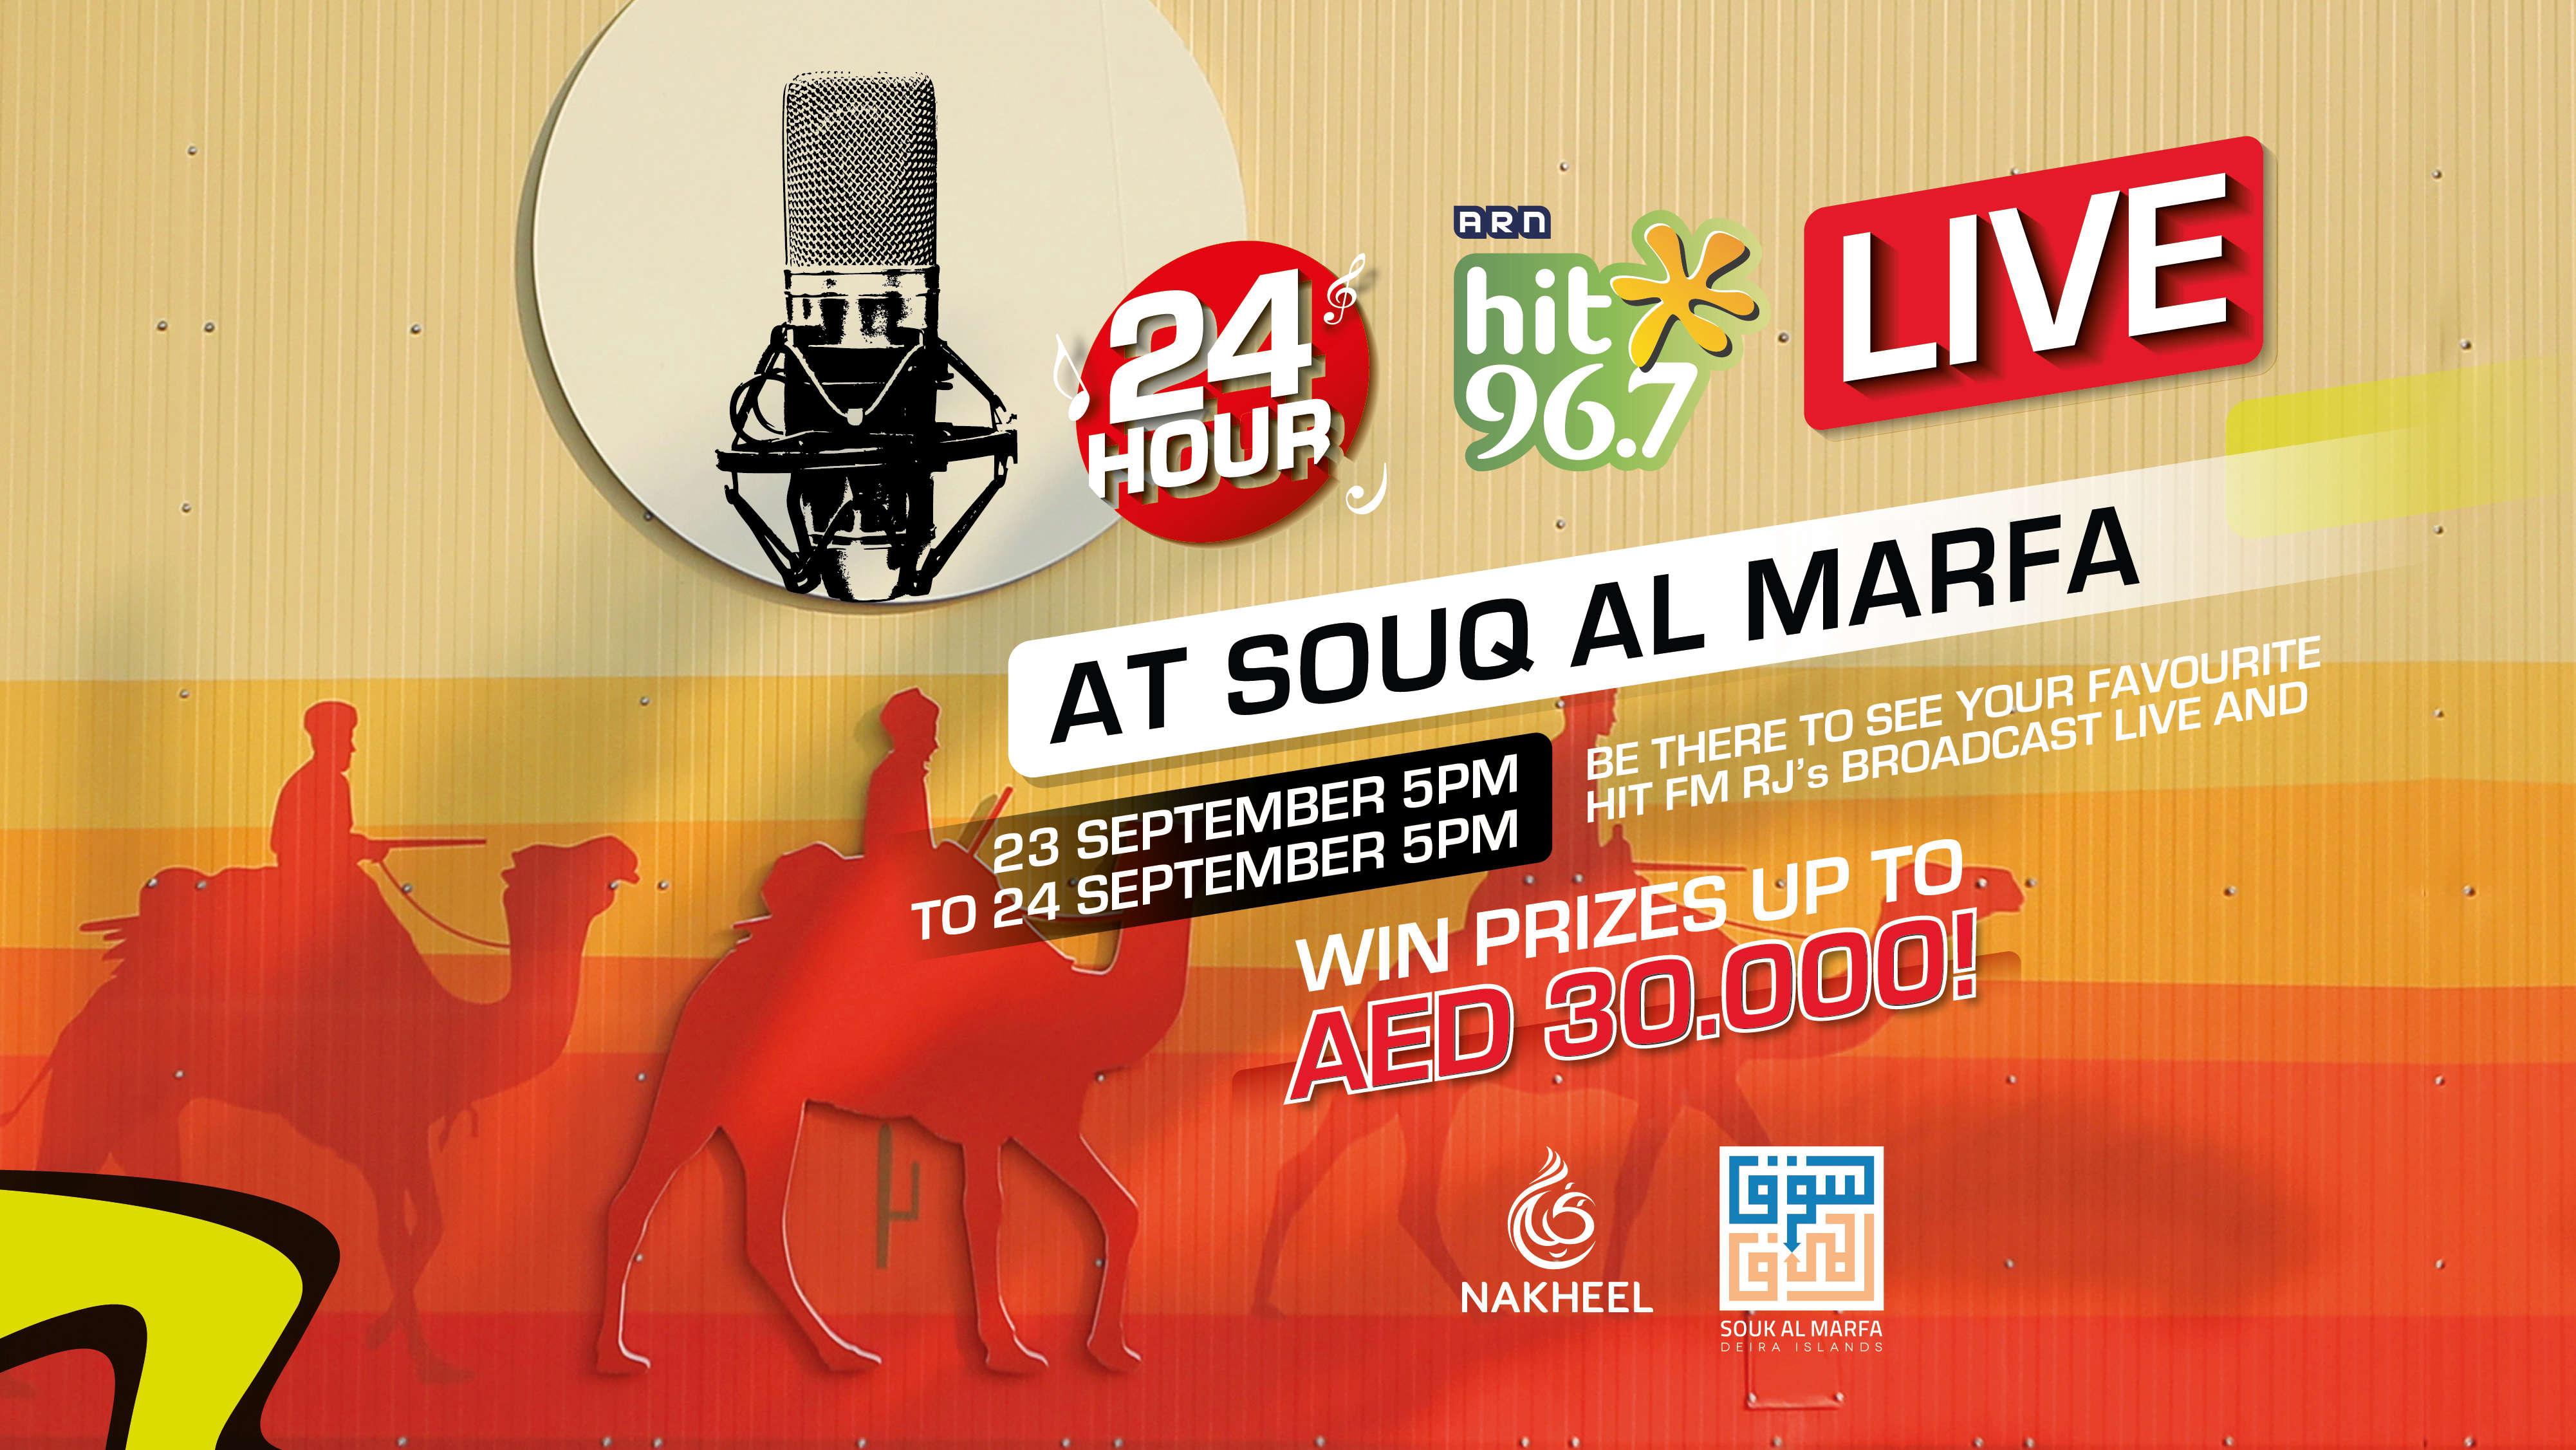 24 Hours LIVE at Souk Al Marfa!